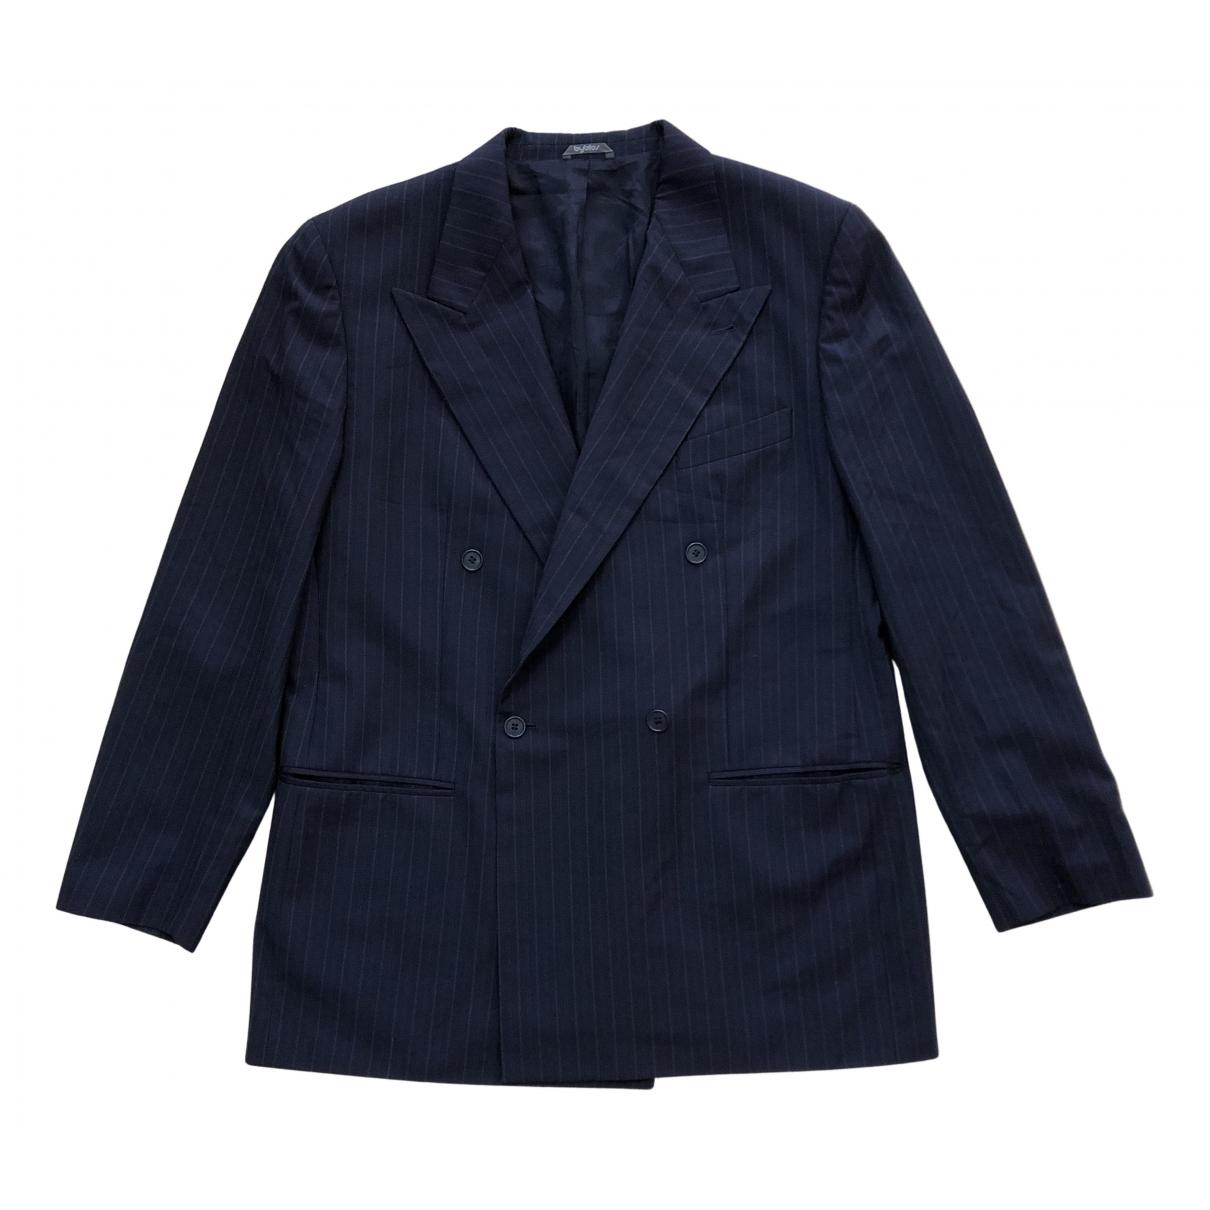 Byblos - Vestes.Blousons   pour homme en laine - bleu